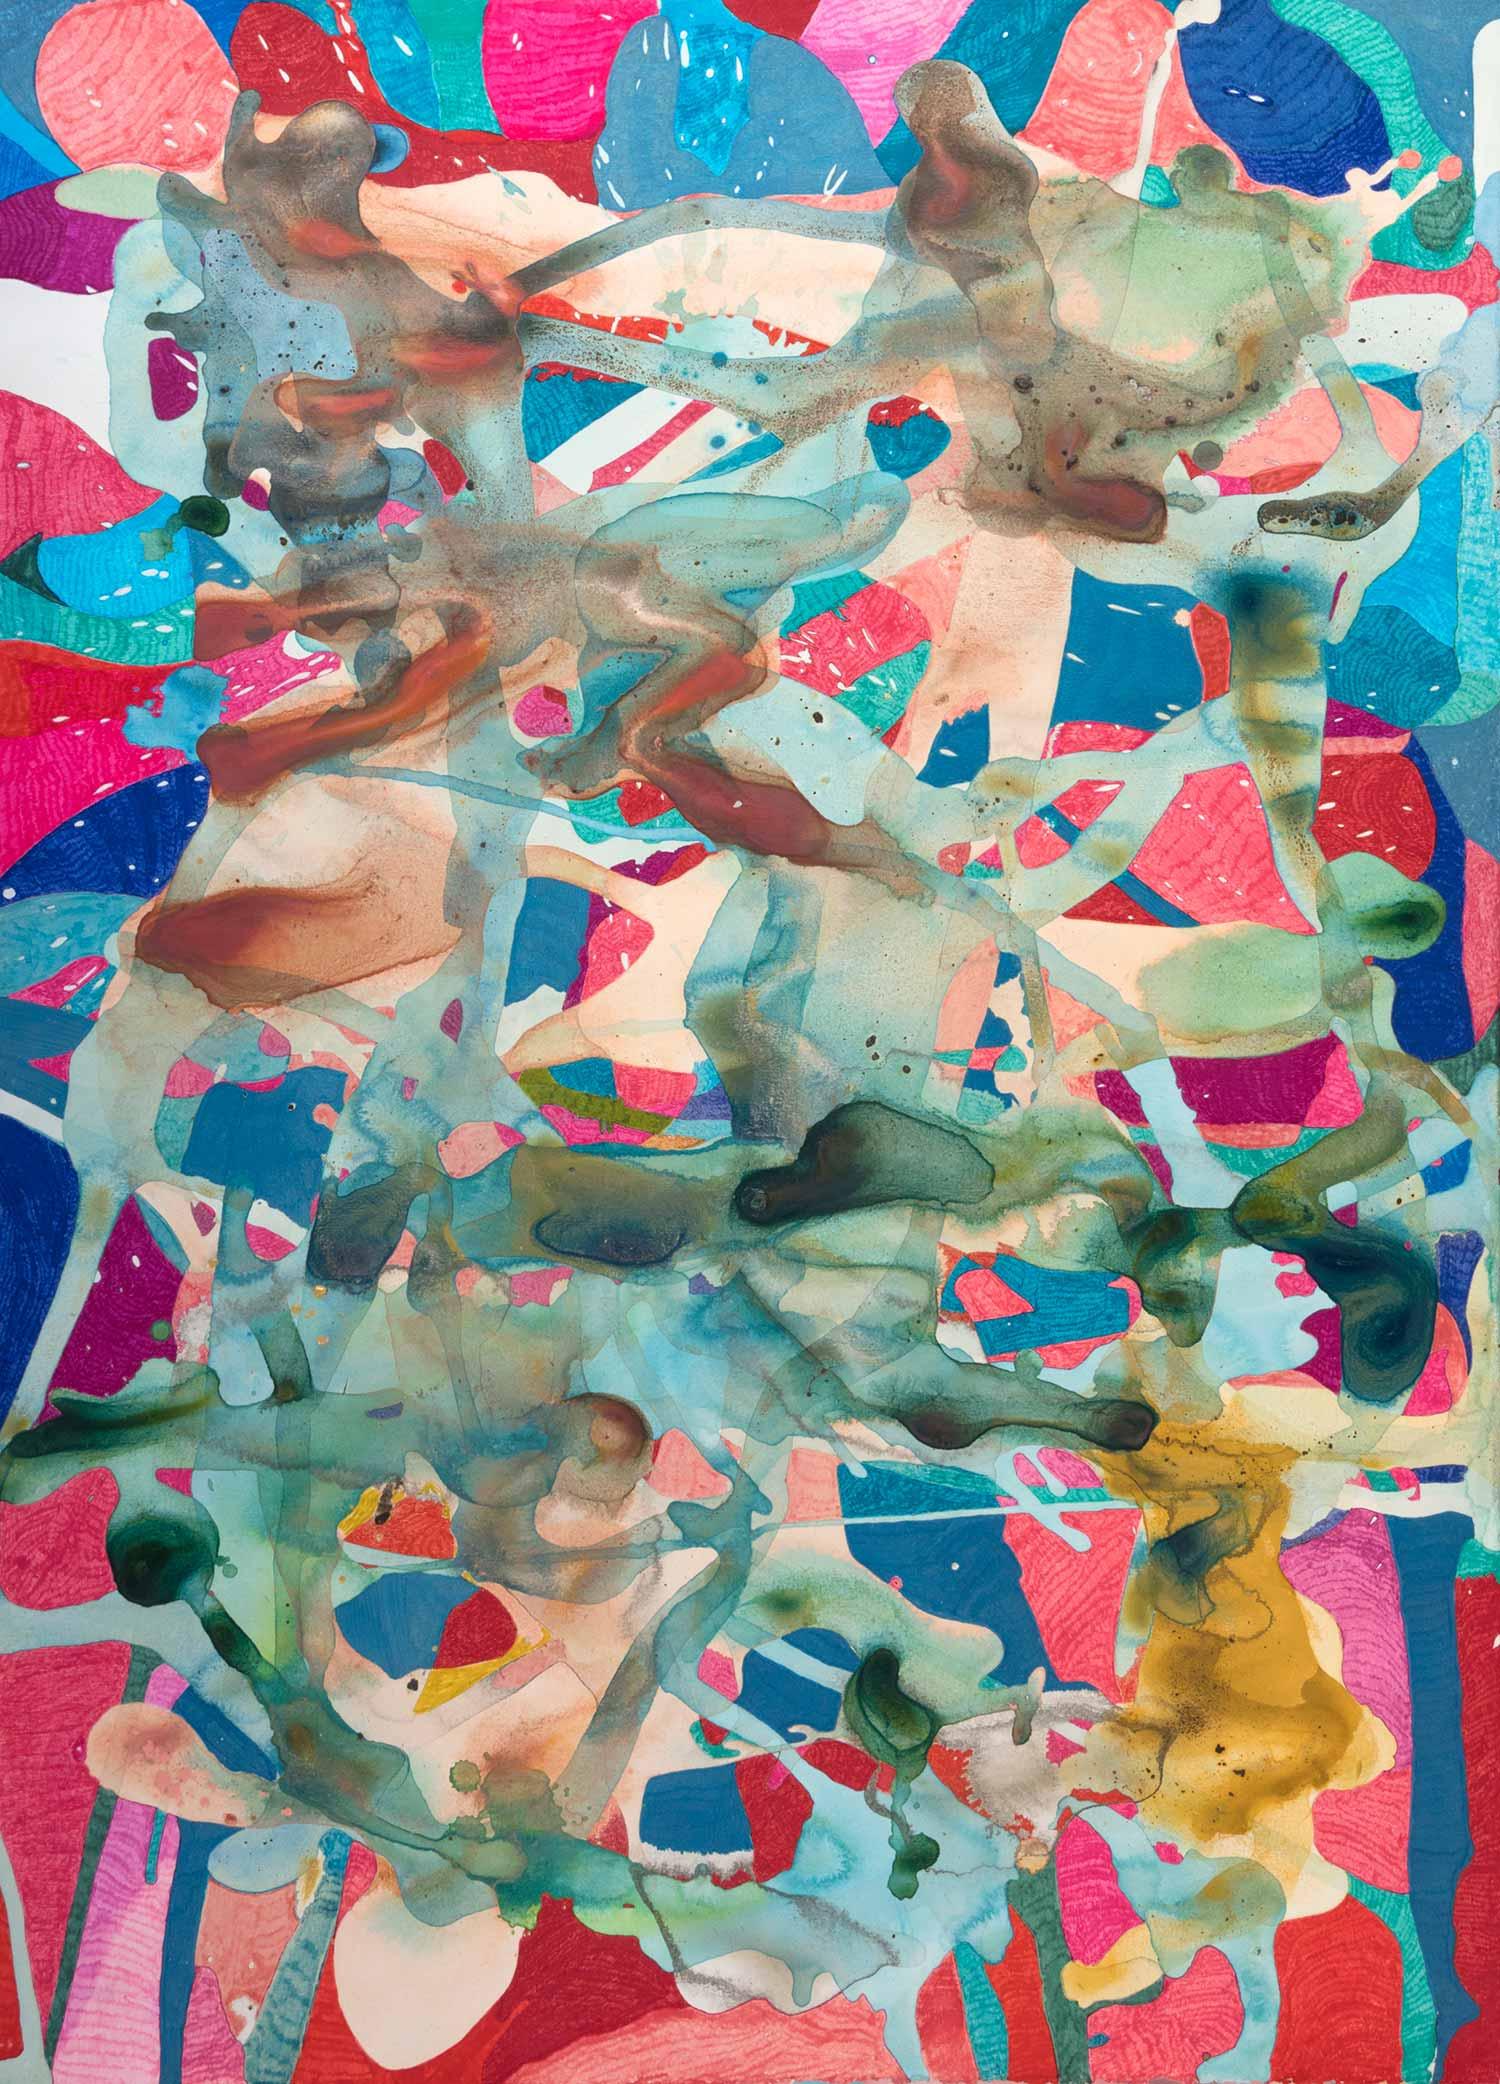 <b>Cloudy</b><br> Acrílico y rotulador sobre papel<br> 76 x 19 cm (2015)